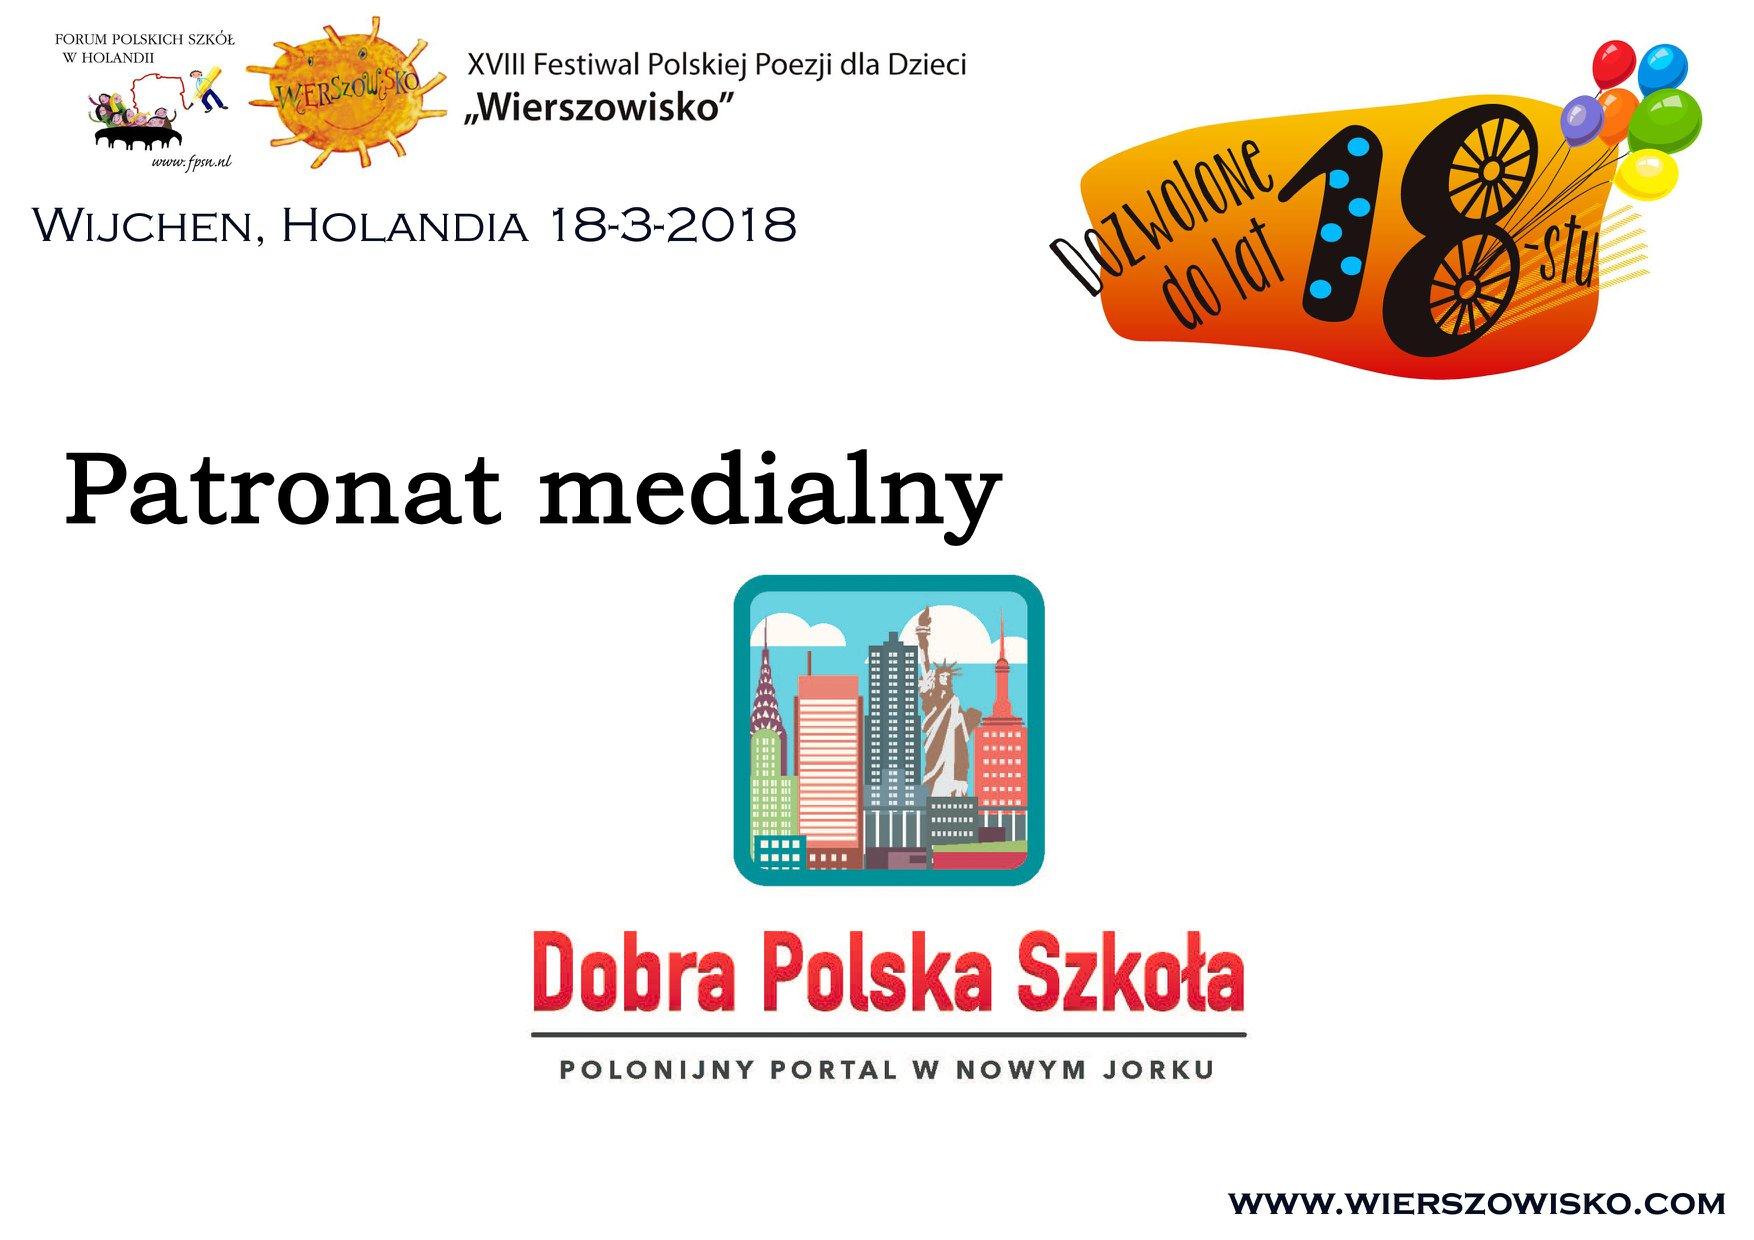 Dobra Polska Szkoła